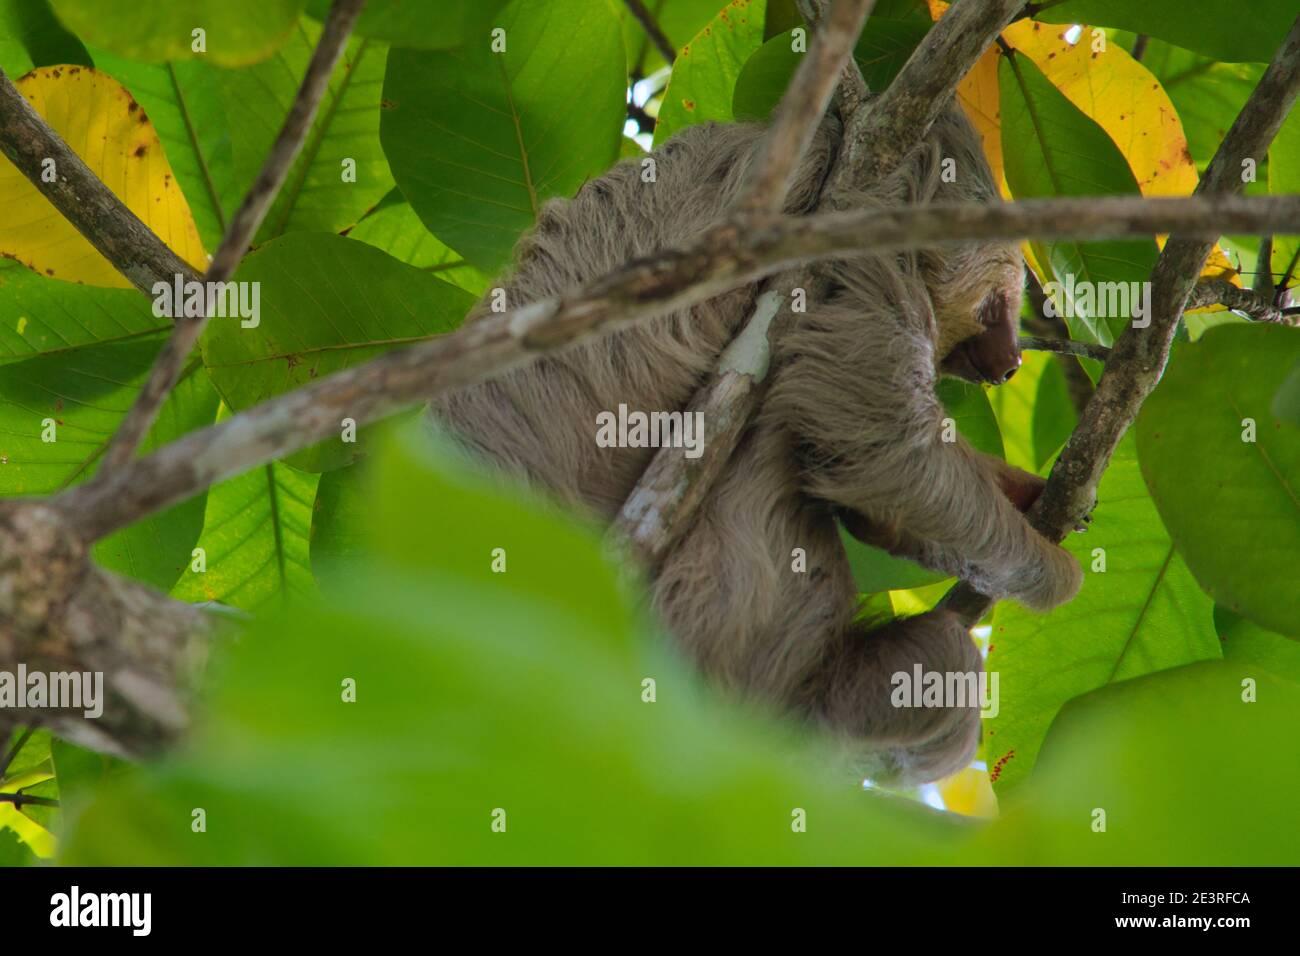 sloth grimpant sur un arbre au costa rica Banque D'Images